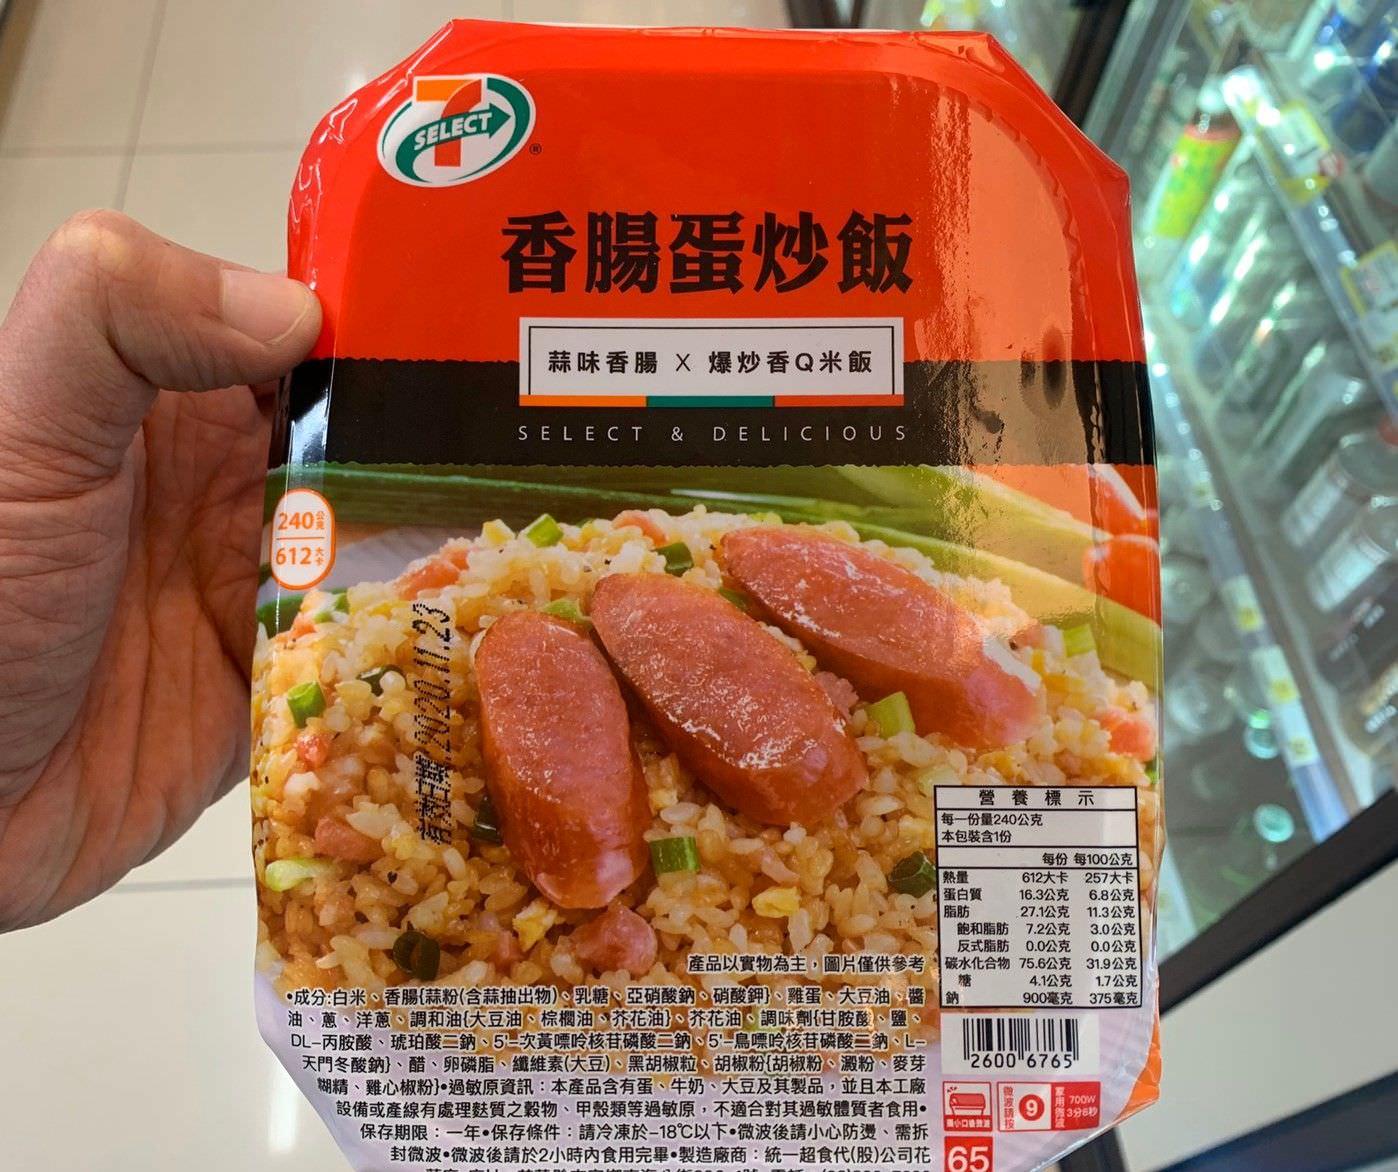 7-11。香腸蛋炒飯+肩胛牛肉熱狗   便利商店美食